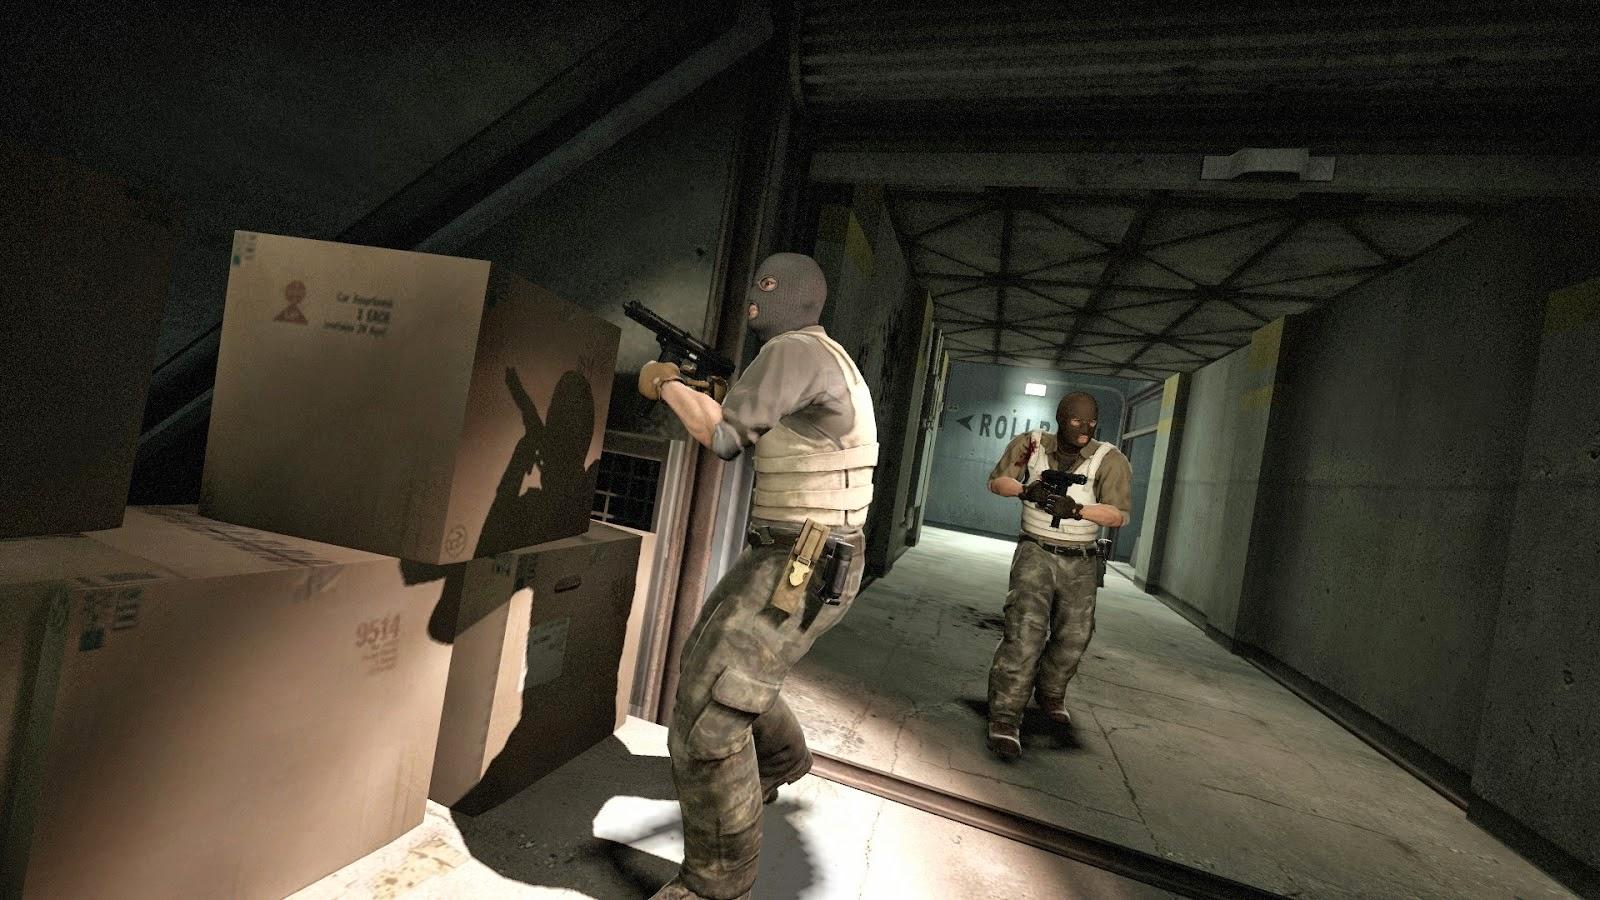 تحميل لعبة الأكشن و الإثارة Counter-Strike Global Offensive Counter-Strike-Global-Offensive-HD-PC-711